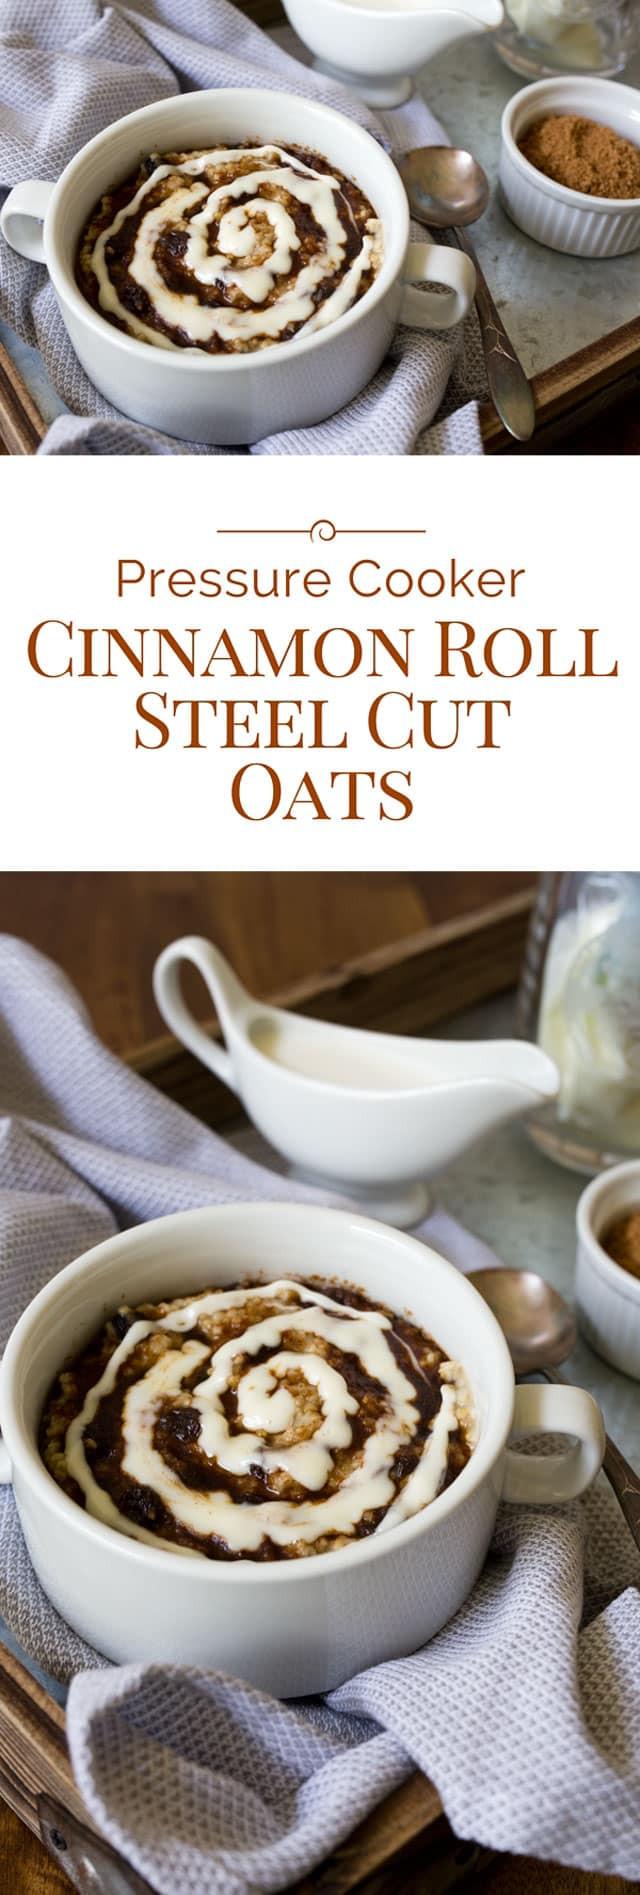 Steel Cut Oats Pressure Cooker  Pressure Cooker Cinnamon Roll Steel Cut Oats